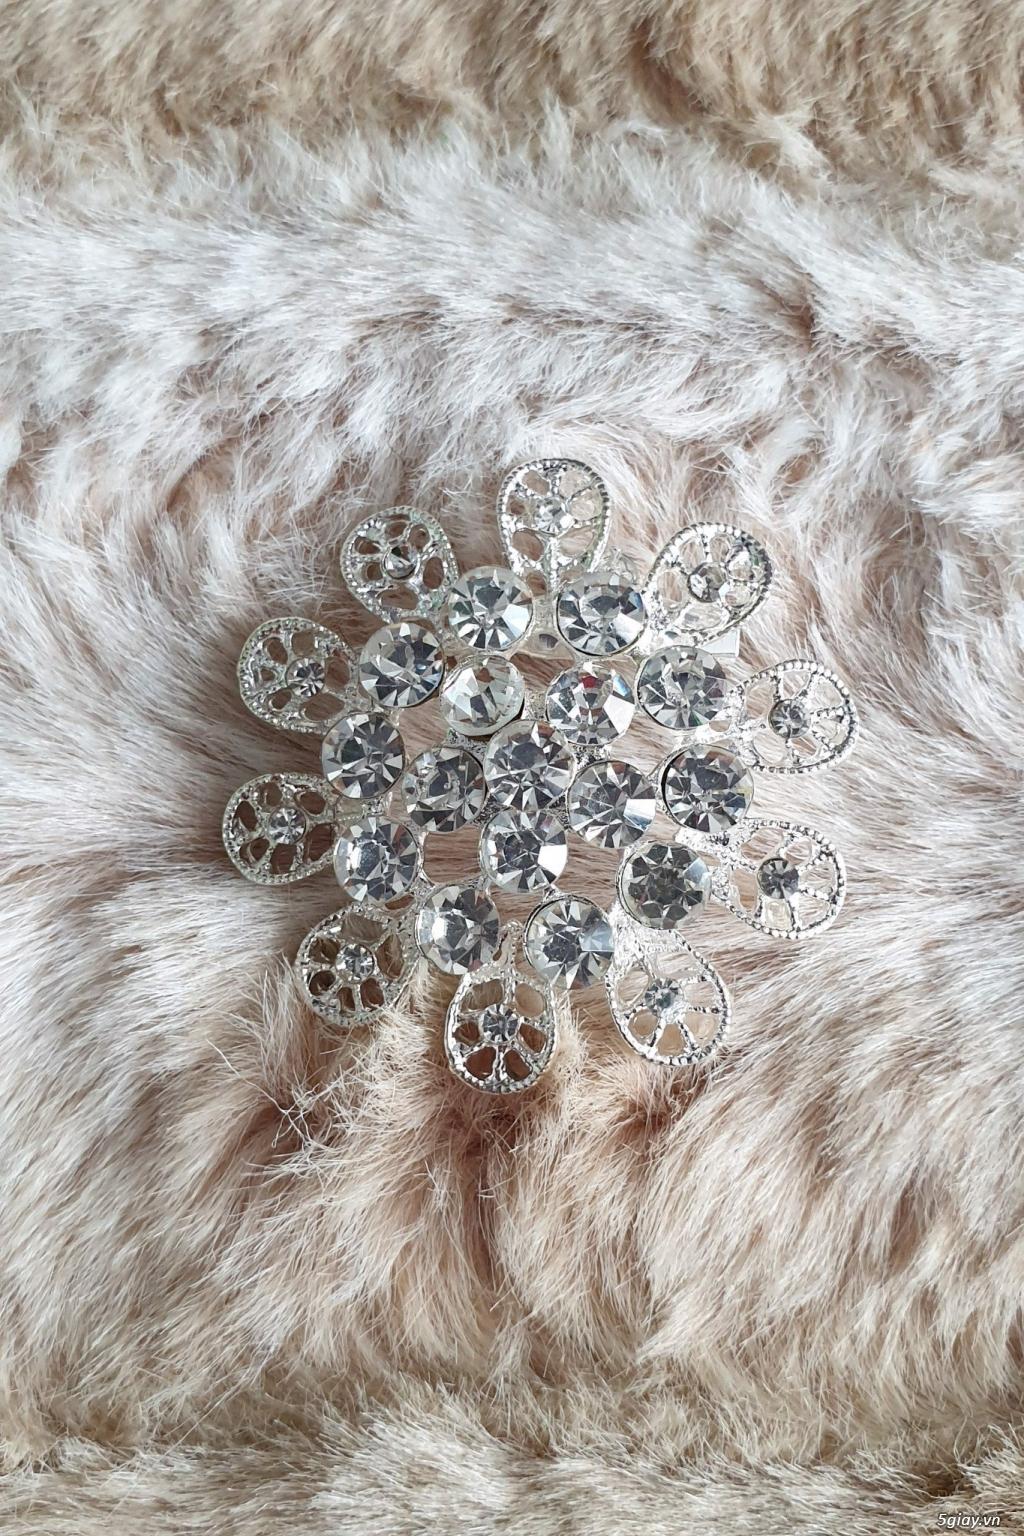 Wal House Fashion - Dây nịt, cài áo, vòng tay, mắt kiếng....... - 10